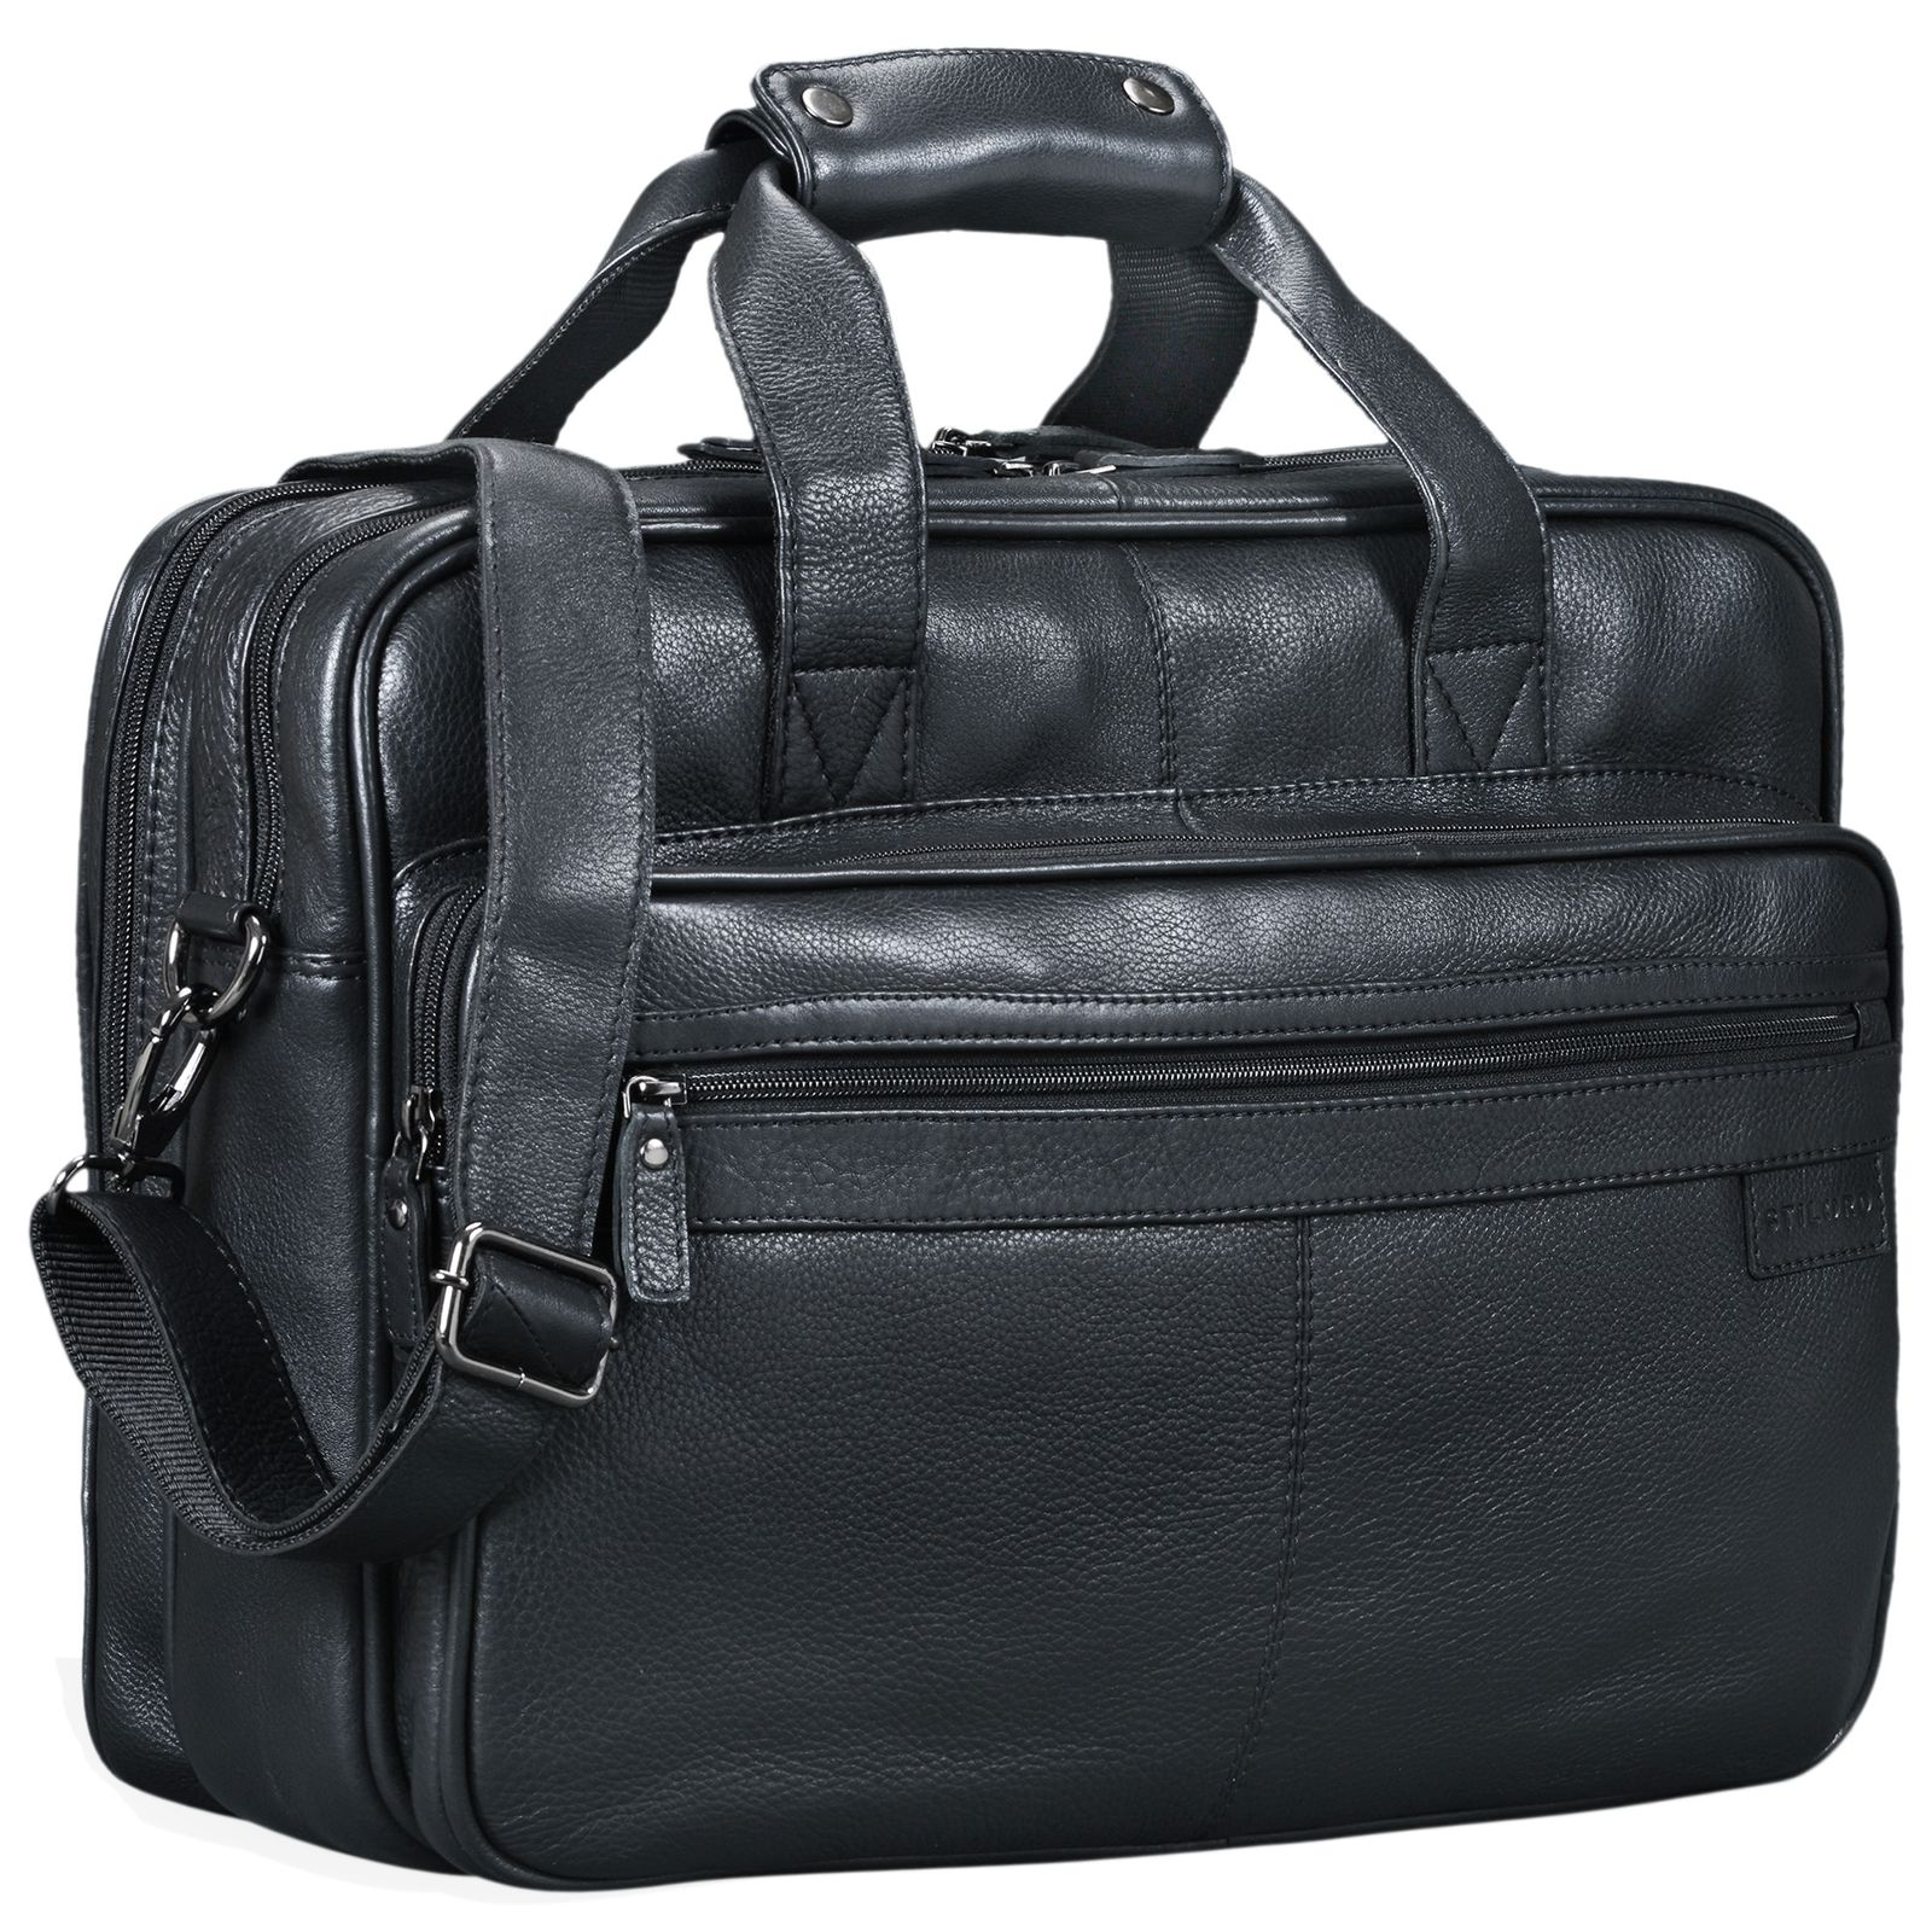 """STILORD """"Atlantis"""" Leder Aktentasche groß Vintage Lehrertasche Arbeitstasche große Ledertasche Businesstasche zum Umhängen Trolley aufsteckbar - Bild 10"""